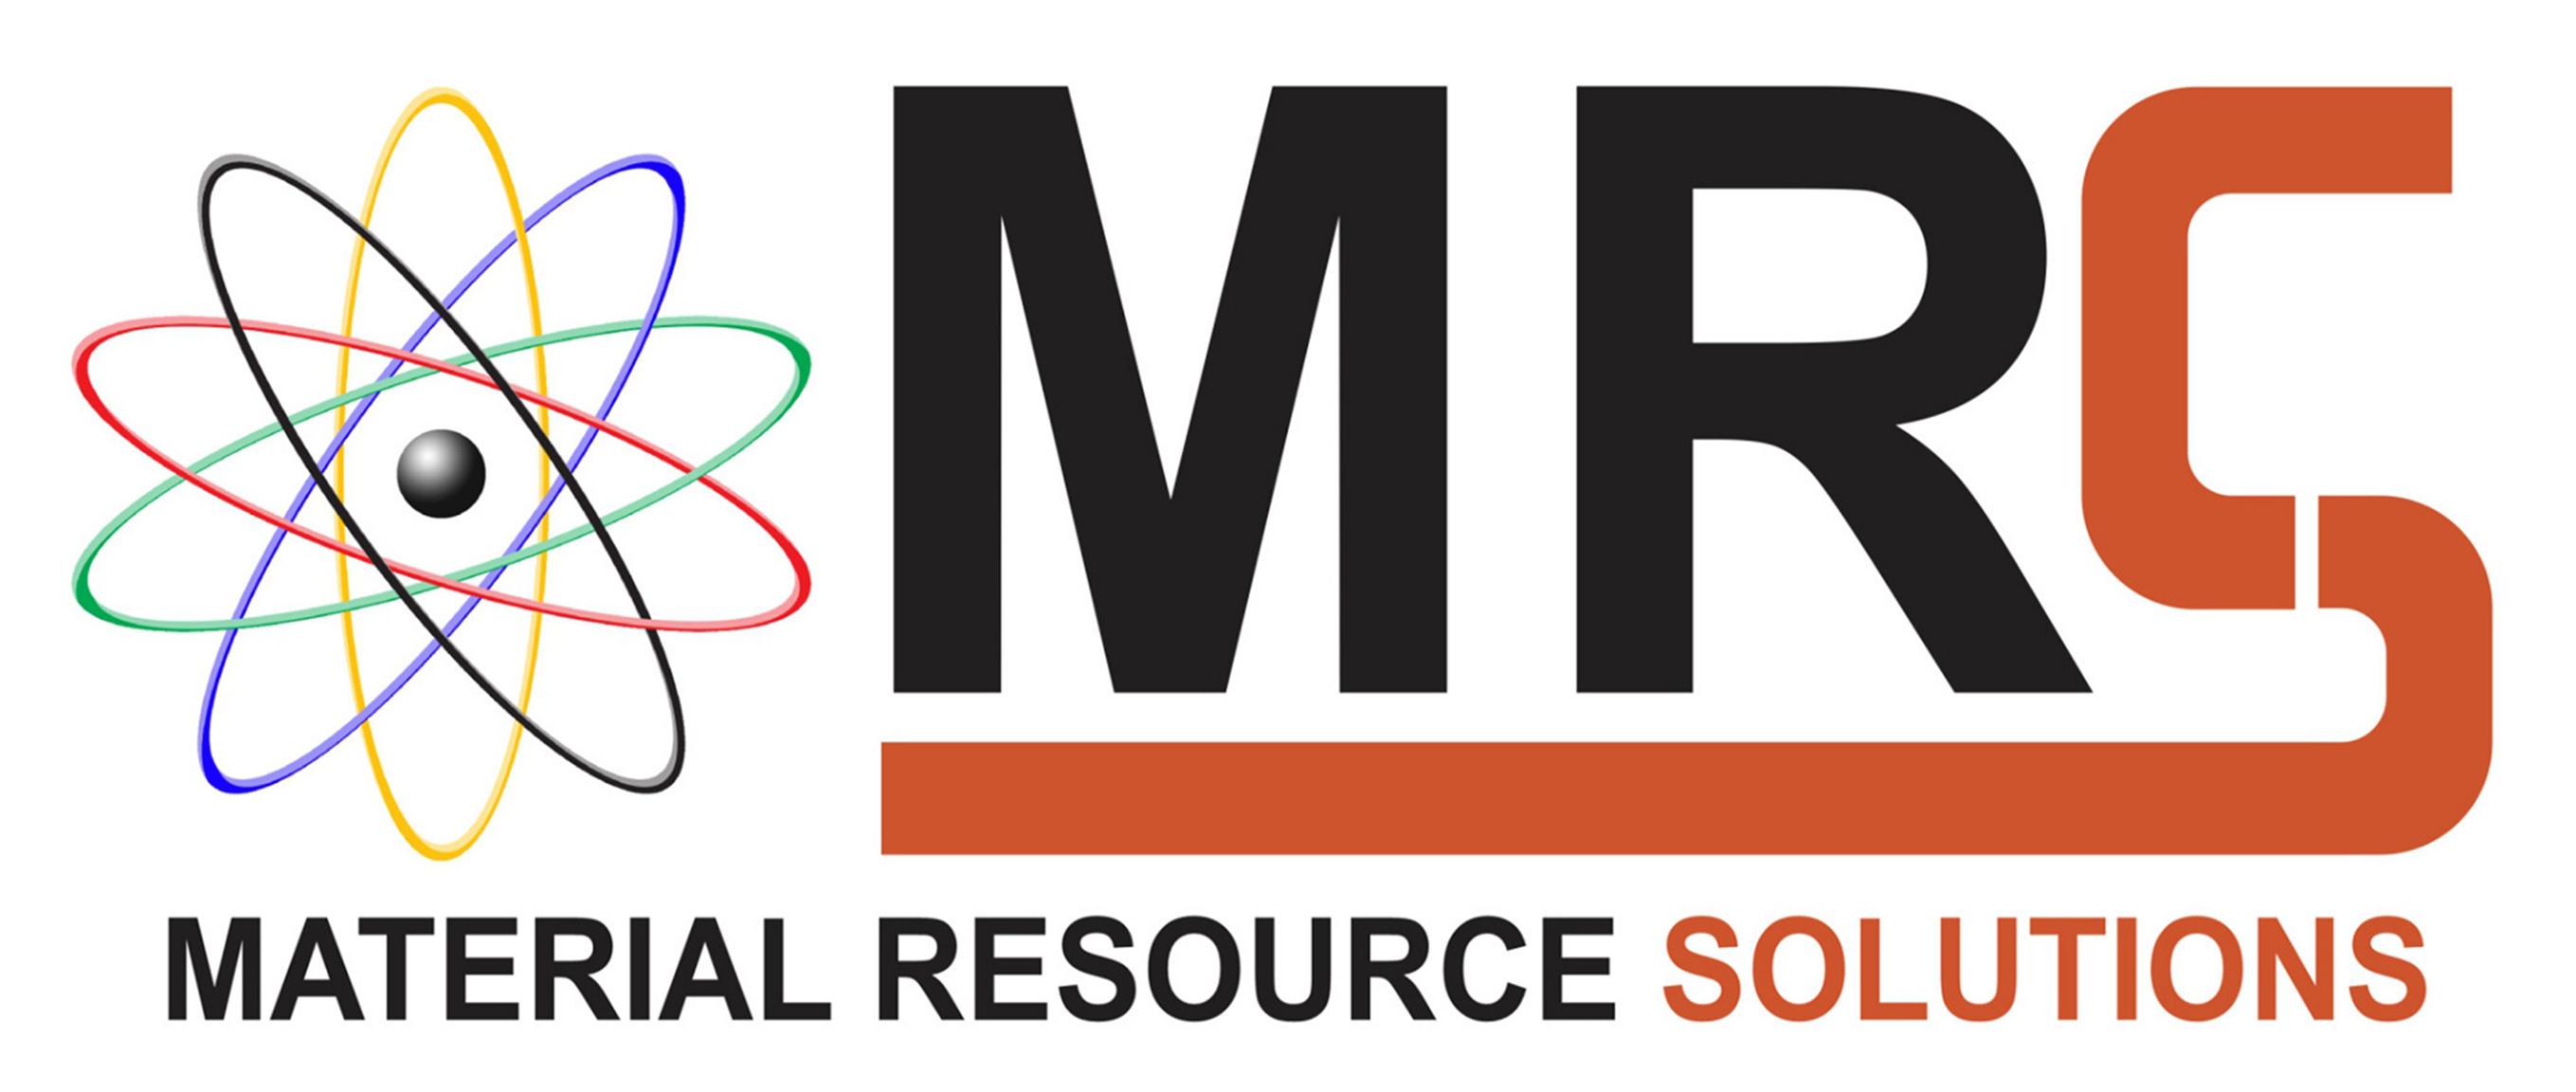 Logo Công ty TNHH Giải Pháp Vật Tư (MRS)